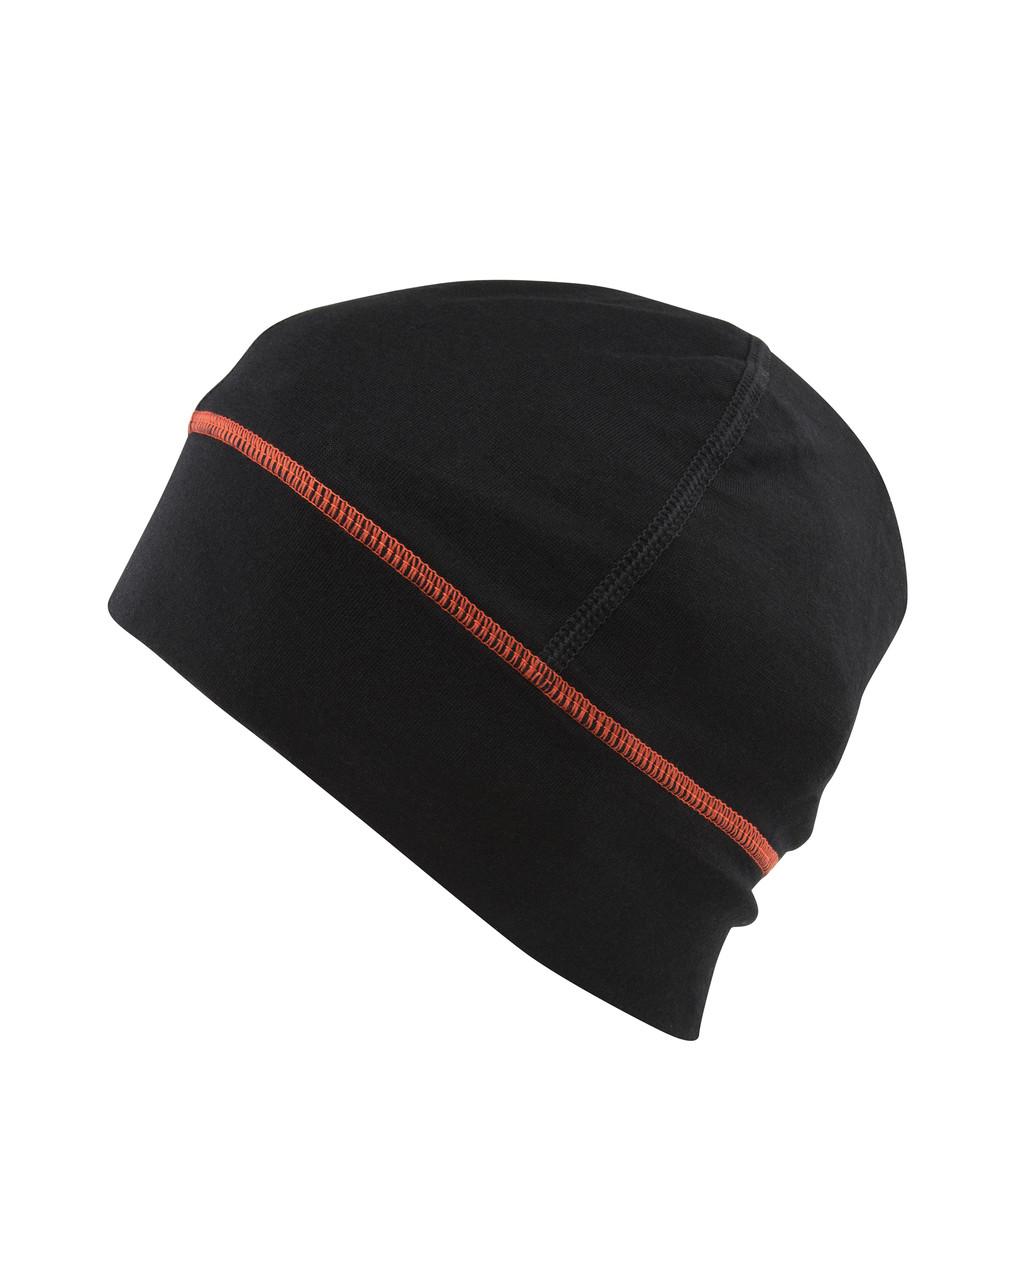 9108eed6500b5 SKULL CAP FOR MEN · SKULL CAP FOR MEN · MERINO WOOL HAT